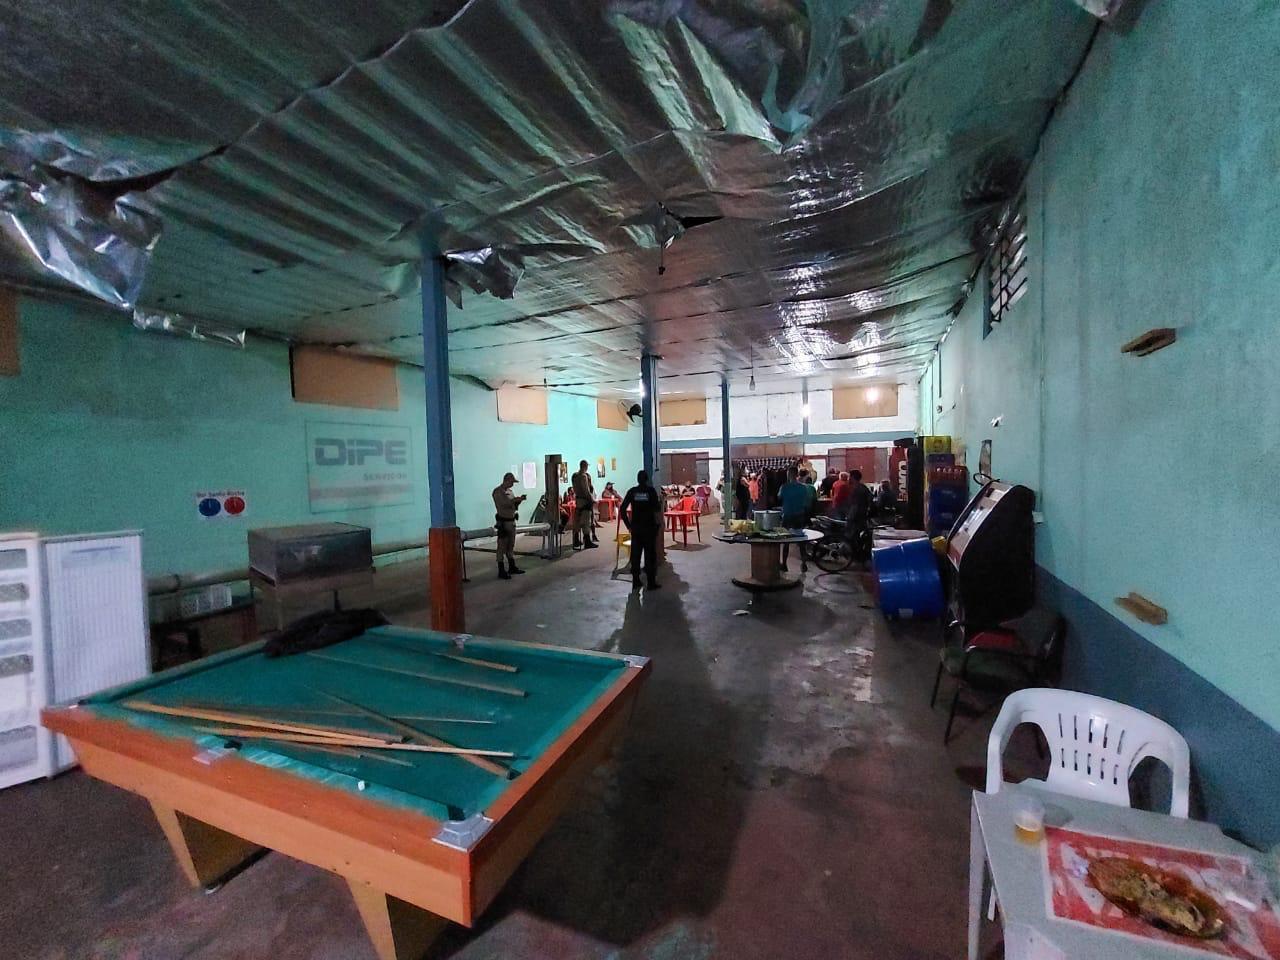 Quatro estabelecimentos foram fechados - Prefeitura de Chapecó/ND